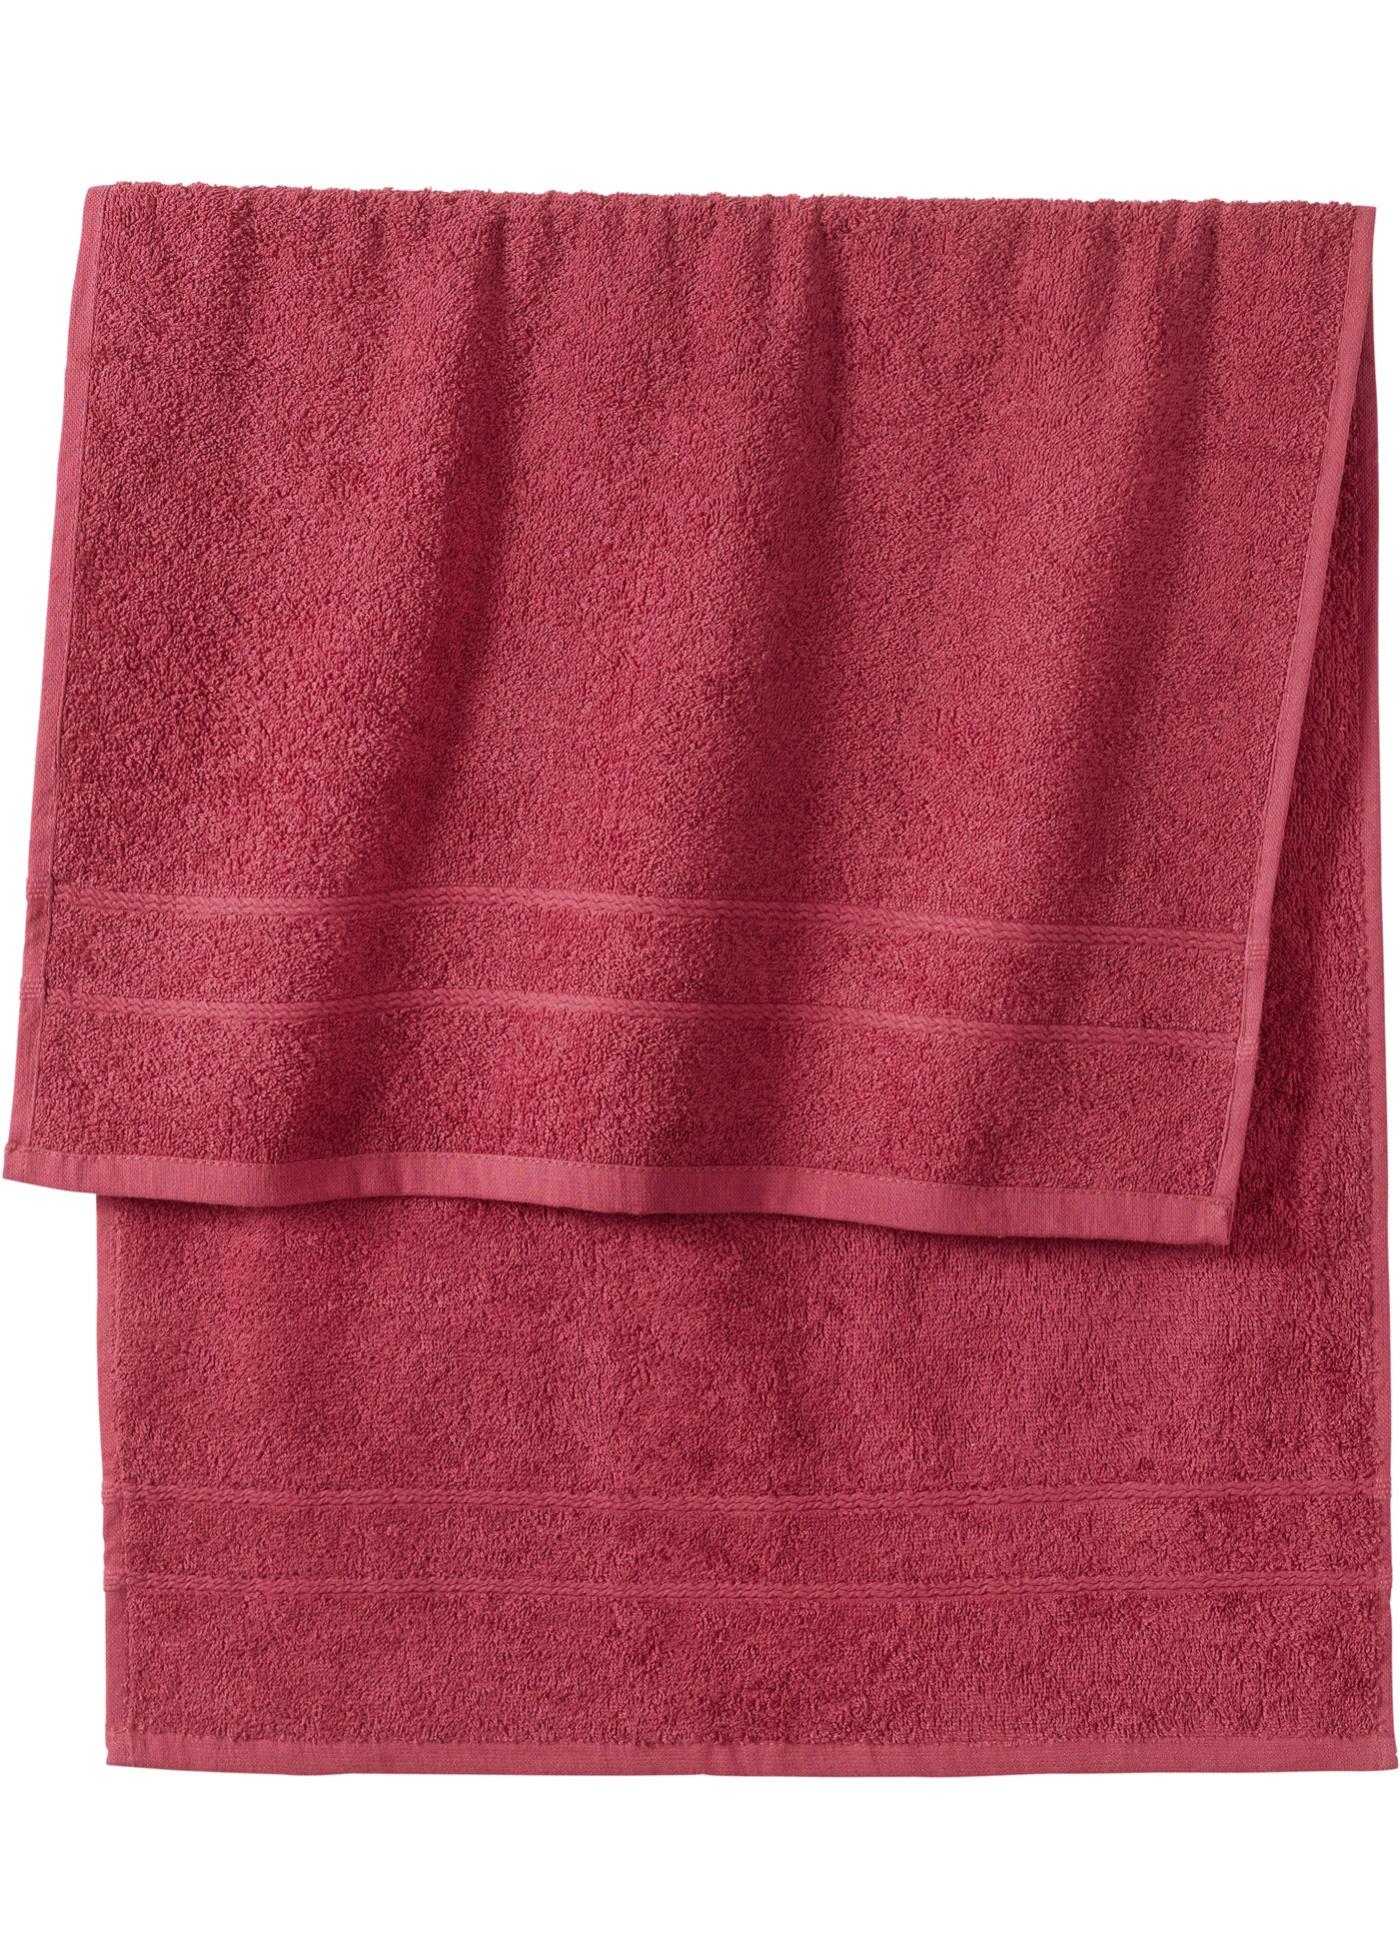 Handdoek New Effen Deluxe